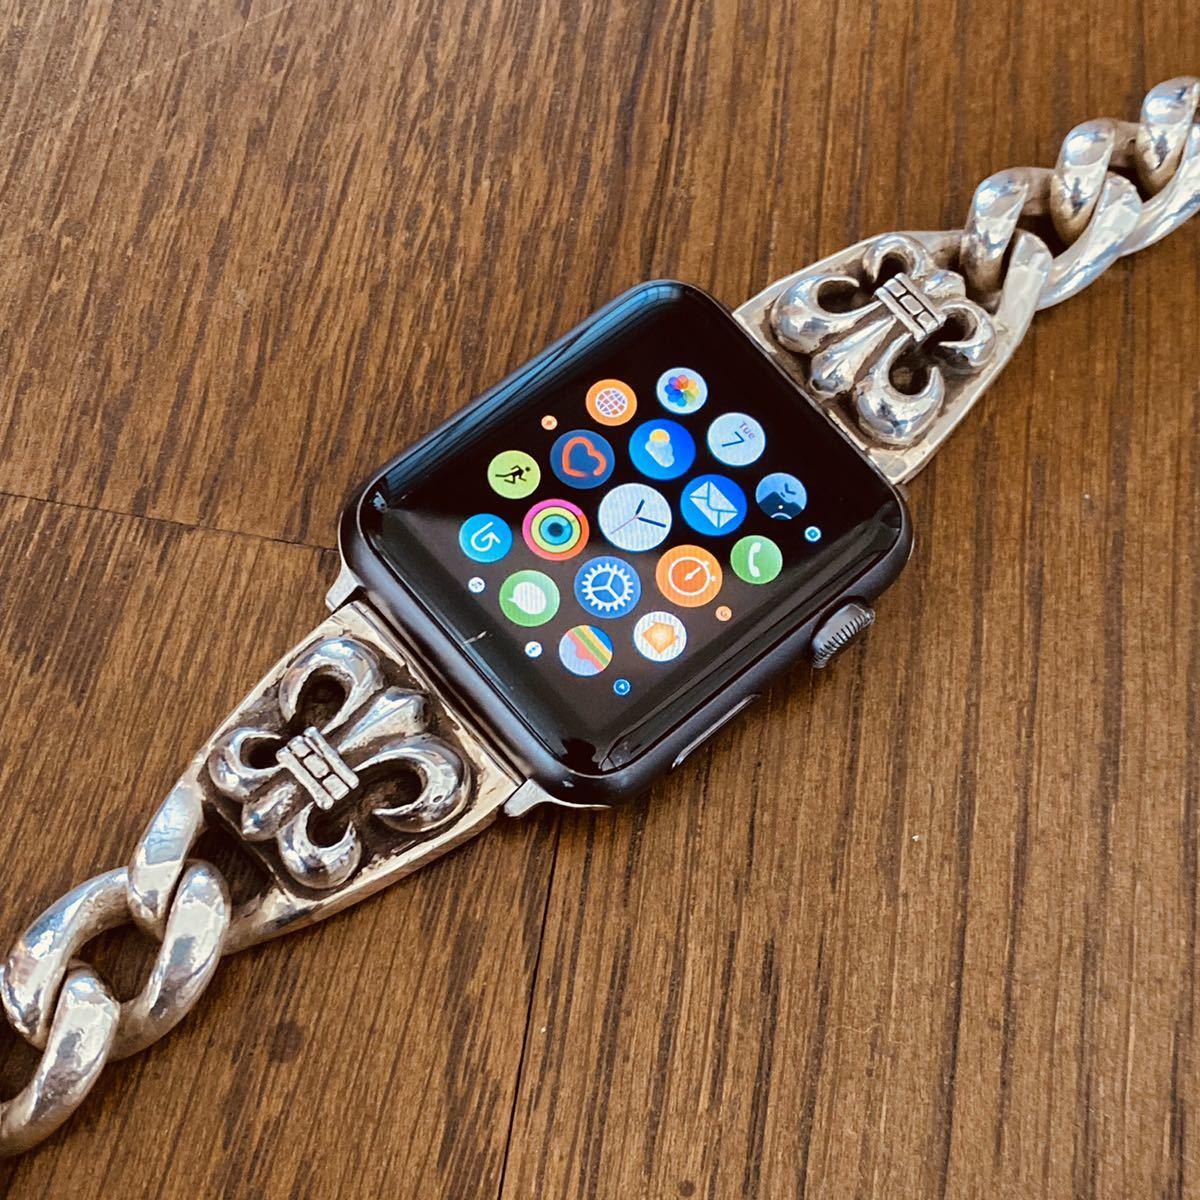 シルバー925 アップルウォッチ用バンド リリー フレア ベルト ブレスレット SV925 apple watch Series シリーズ1.2.3.4.5装着可能